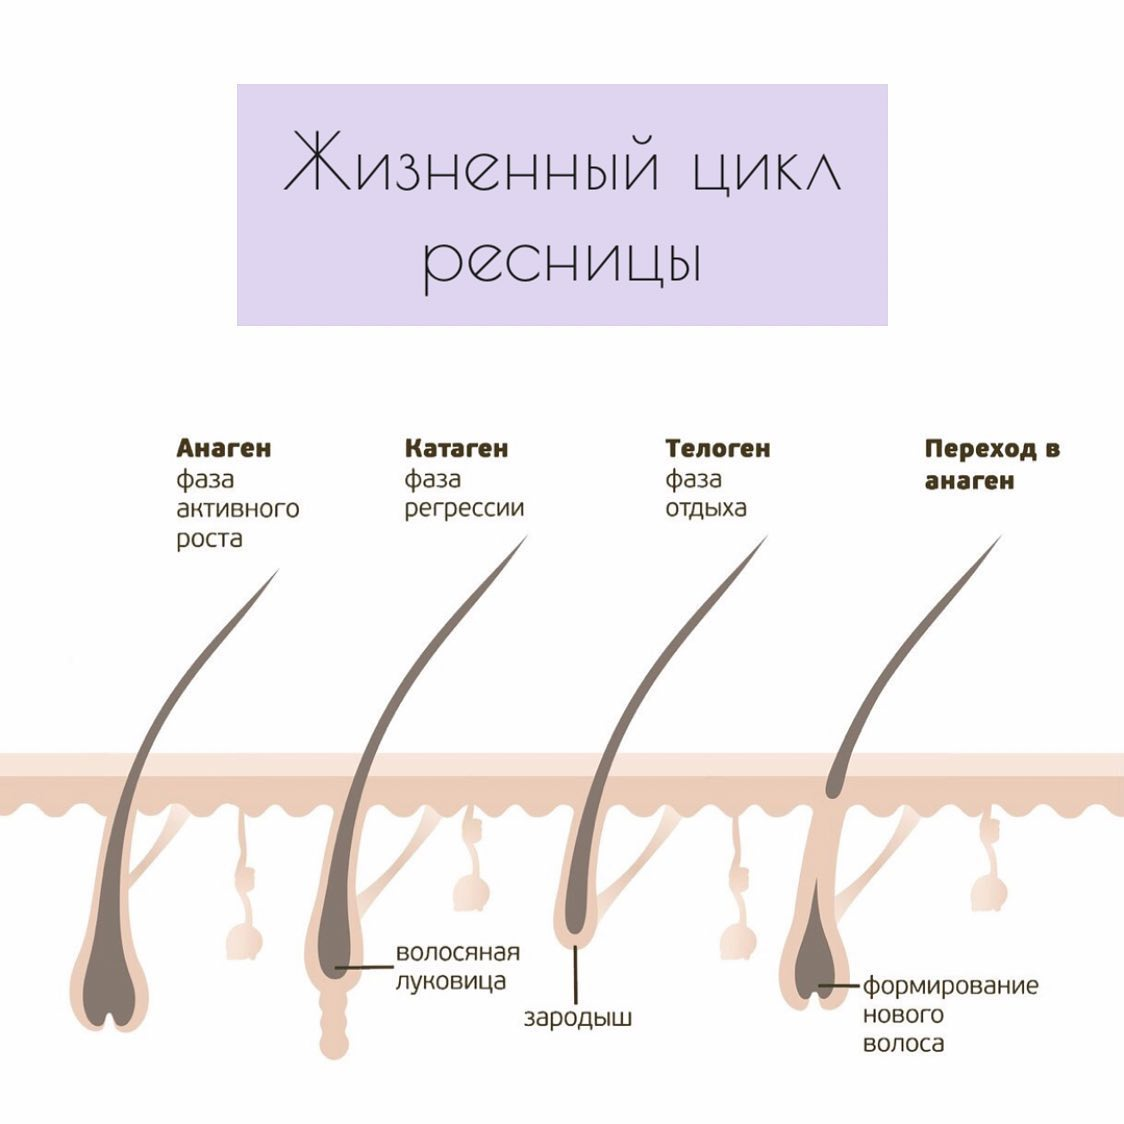 Наши ресницы обновляются на протяжении всей жизни. Какие фазы роста проходят волоски и сколько времени занимает их обновление? ️⠀Жизненный цикл волоса состоит из 4-х стадий, его продолжительность составляет, в среднем, 2 месяца. Все ресницы живут по своему «индивидуальному графику», поэтому разные ресницы в одно и то же время находятся на разных стадиях своего жизненного цикла.⠀ Первая стадия цикла — анагенная. Она длится около месяца и характеризуется формированием волосяных фолликулов. На этом этапе ресницы человека отрастают на примерно 0,12–0,14 мм за сутки.⠀ Вторая стадия — катогенная. Она является переходным этапом и занимает всего две недели. В этой фазе рост ресничных волосков приостанавливается.⠀ Третья стадия — телогенная. На этом этапе развития фолликул перестаёт дробиться и переходит в состояние покоя, после чего он отторгается, а волосок выпадает. Продолжительность этой фазы составляет около 100 дней. После неё наступает ранняя анагенная фаза, в которой происходит созревание новой луковицы.⠀Когда у клиента, со временем, начинают выпадать наращенные ресницы вместе с родными, это значит, что волоски уже прошли свой жизненный цикл.⠀Пост был полезным? Ставьте лайк и сохраняйте в закладки.